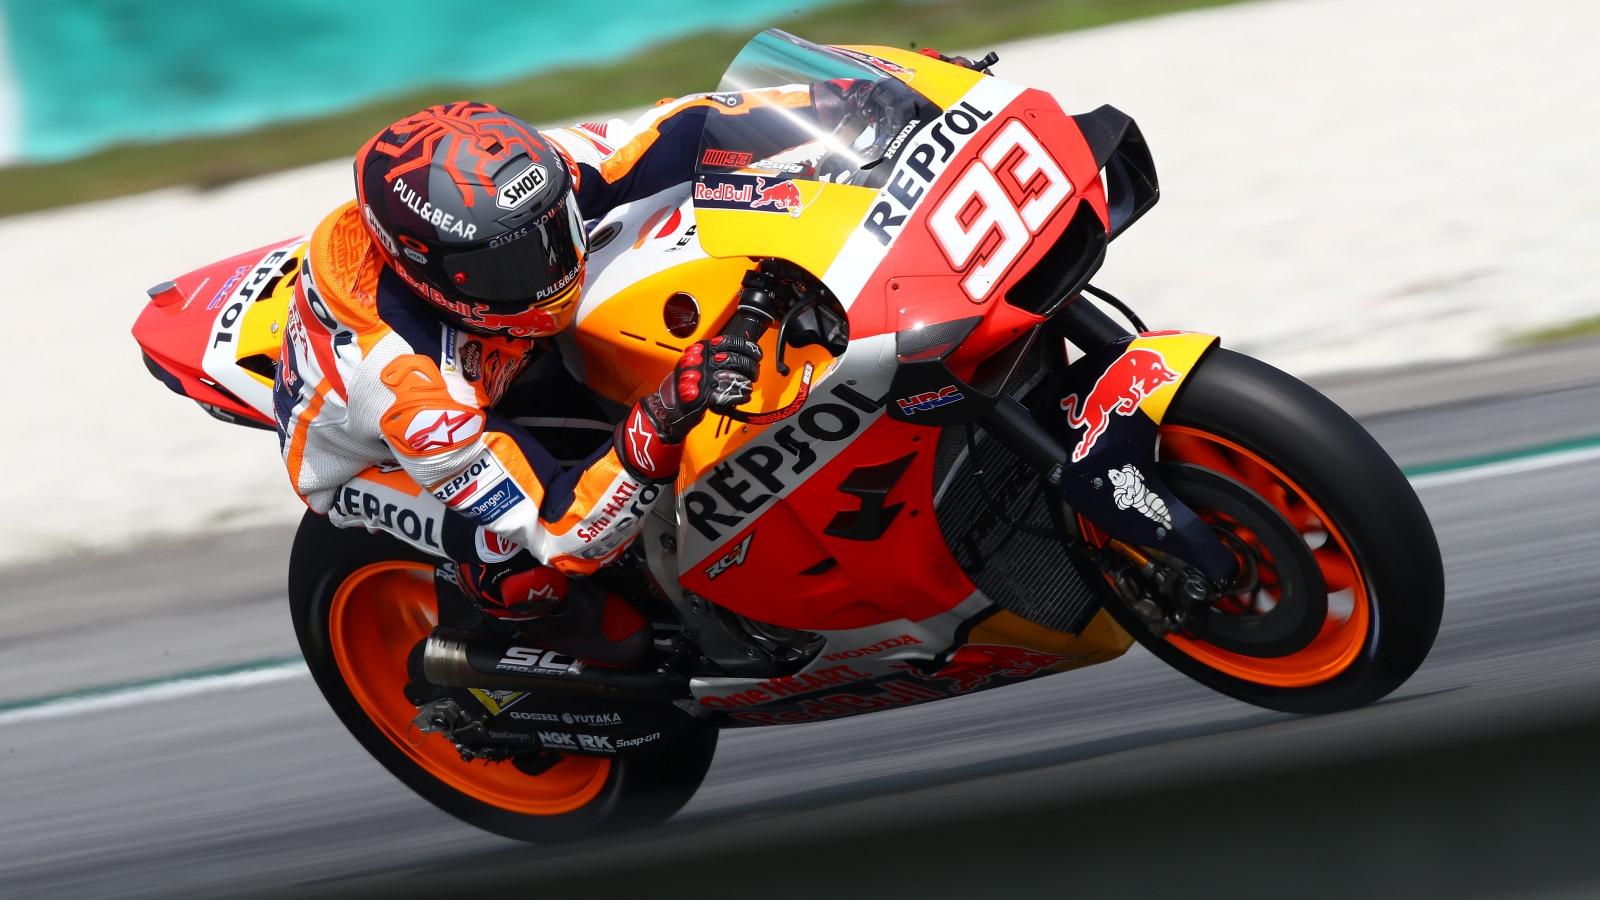 Hasta dónde llegaron: 27 mitos del Mundial de MotoGP después de cumplir 27 años